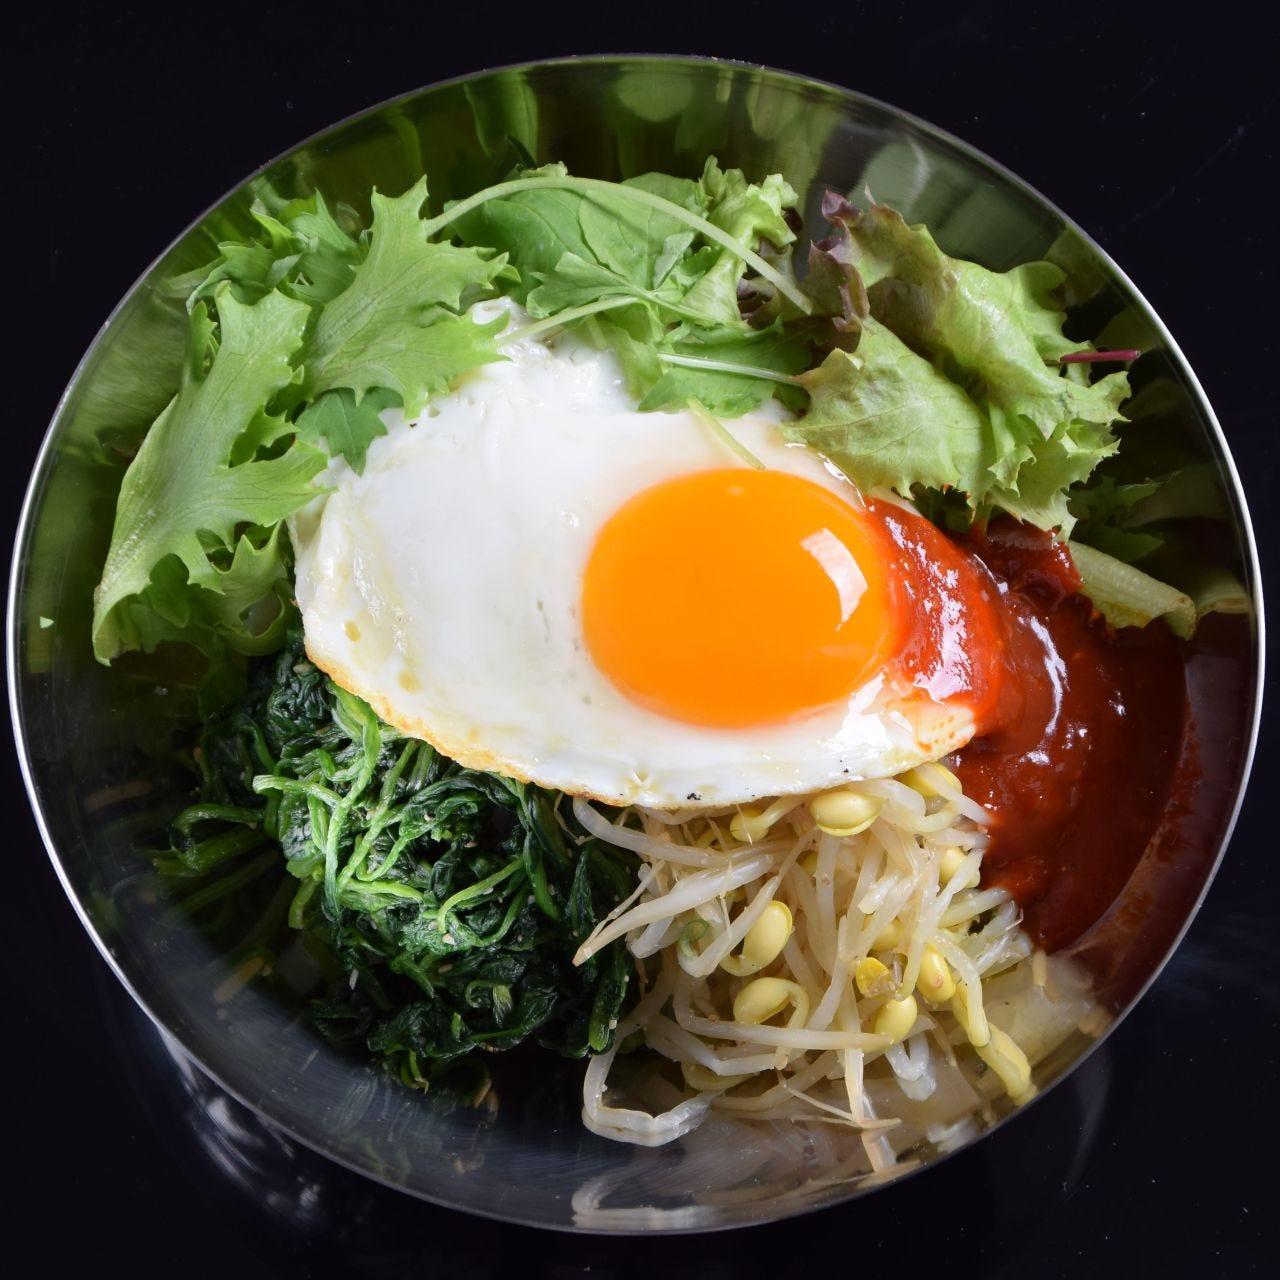 新鮮野菜と甘辛ソースが効くビビンバ